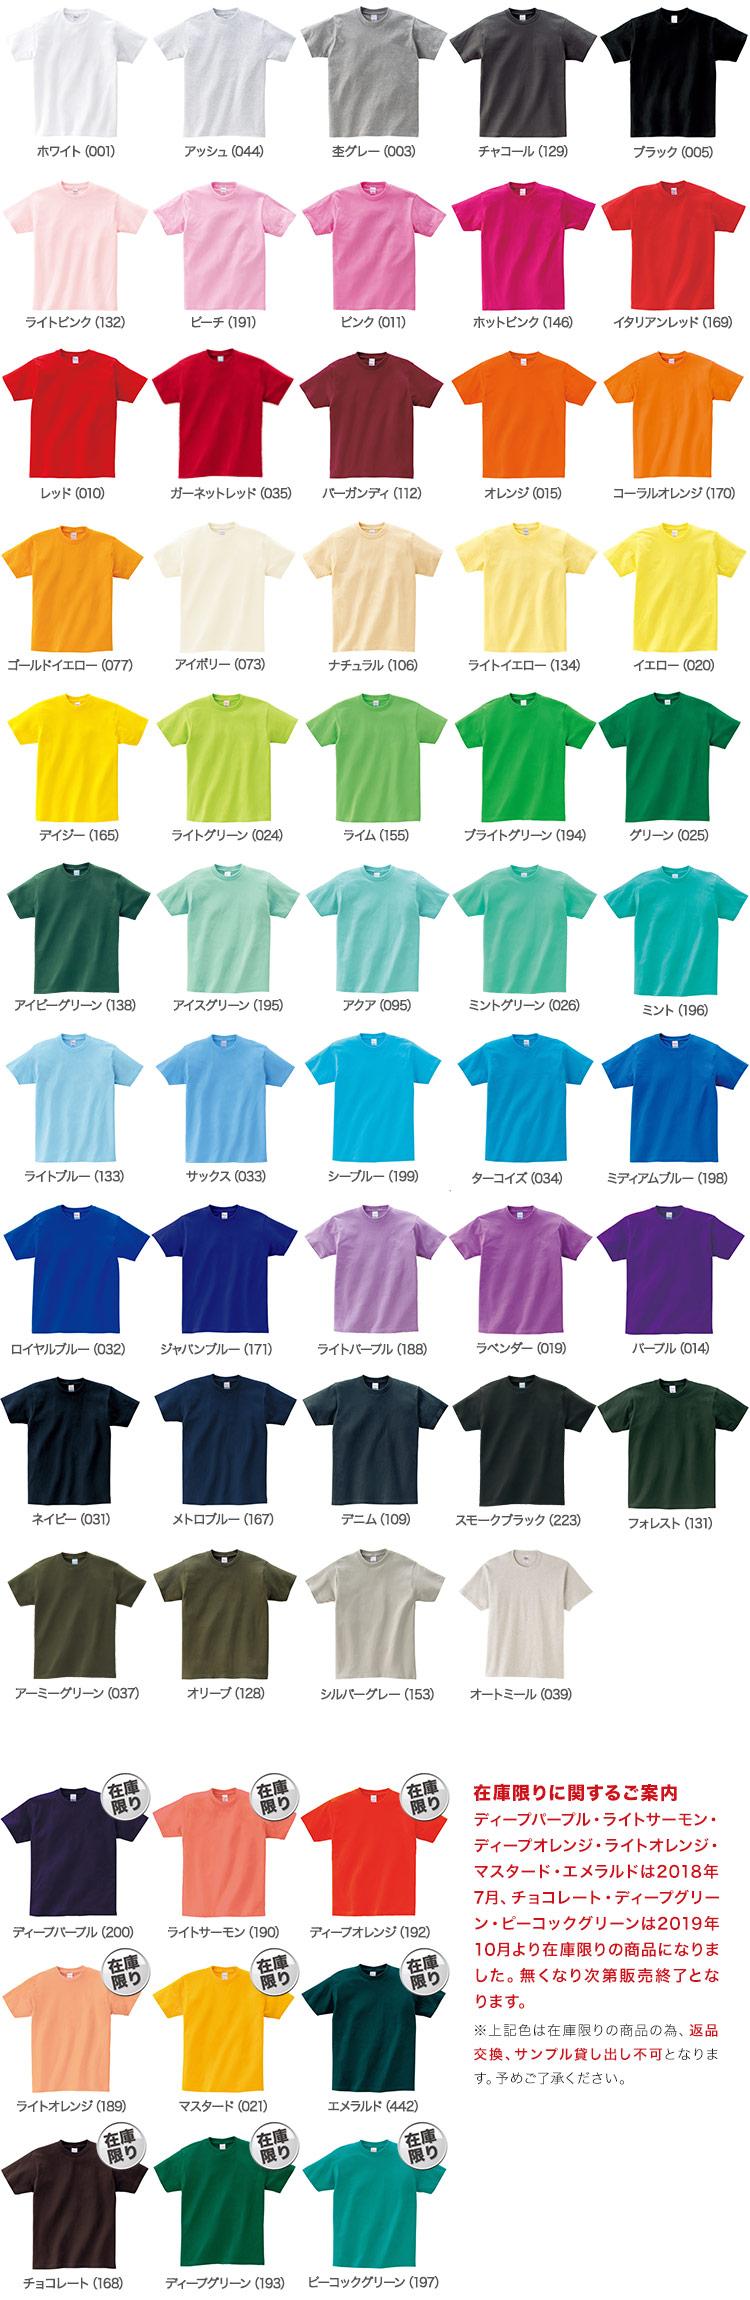 ヘビーウェイトTシャツ(41-00085CVT)のカラーバリエーション